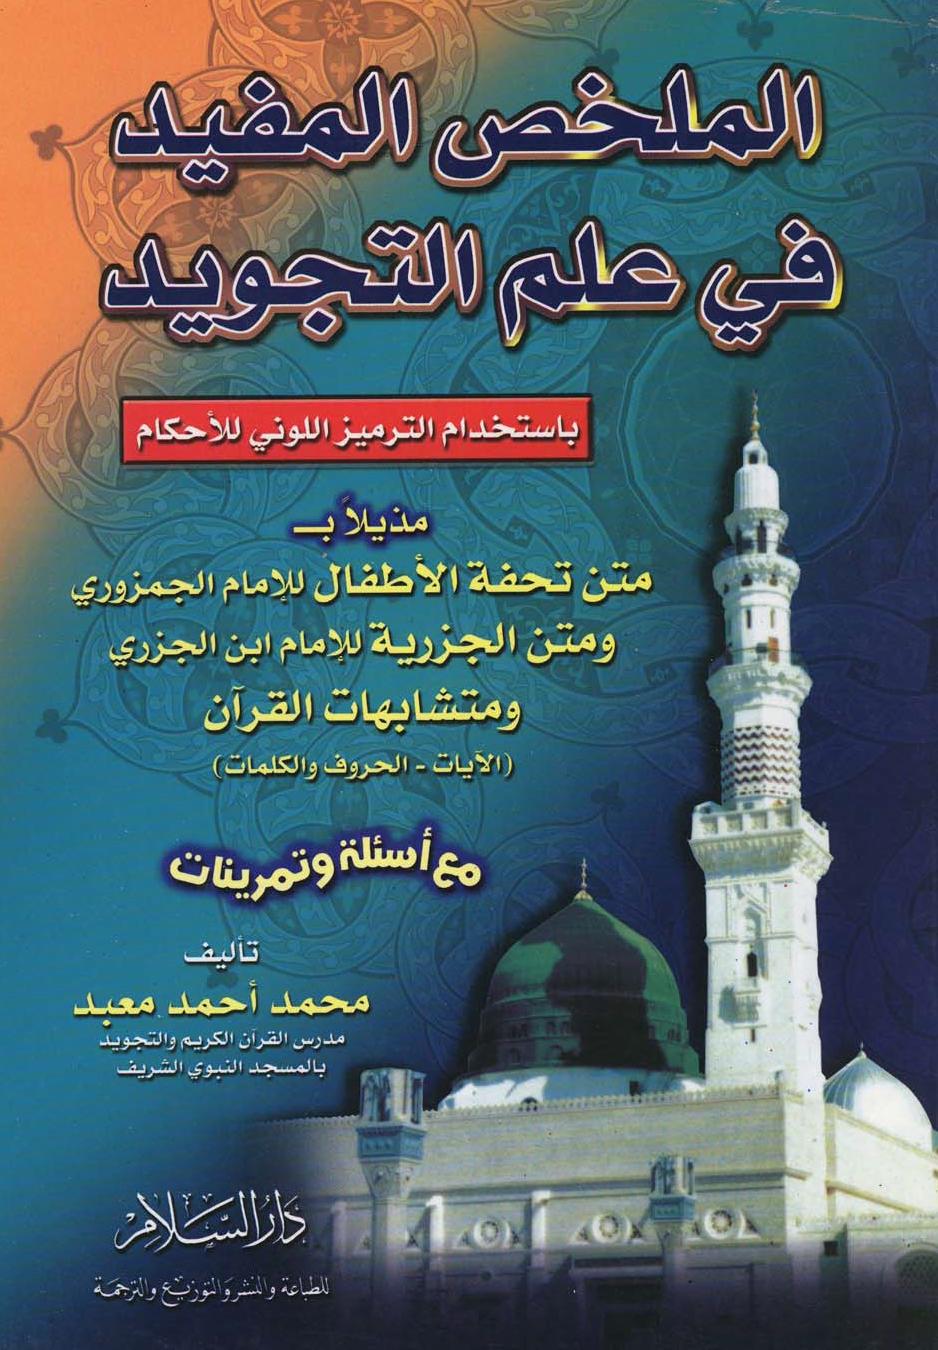 تحميل كتاب الملخص المفيد في علم التجويد لـِ: القارئ محمد أحمد محمد معبد (ت 1430)